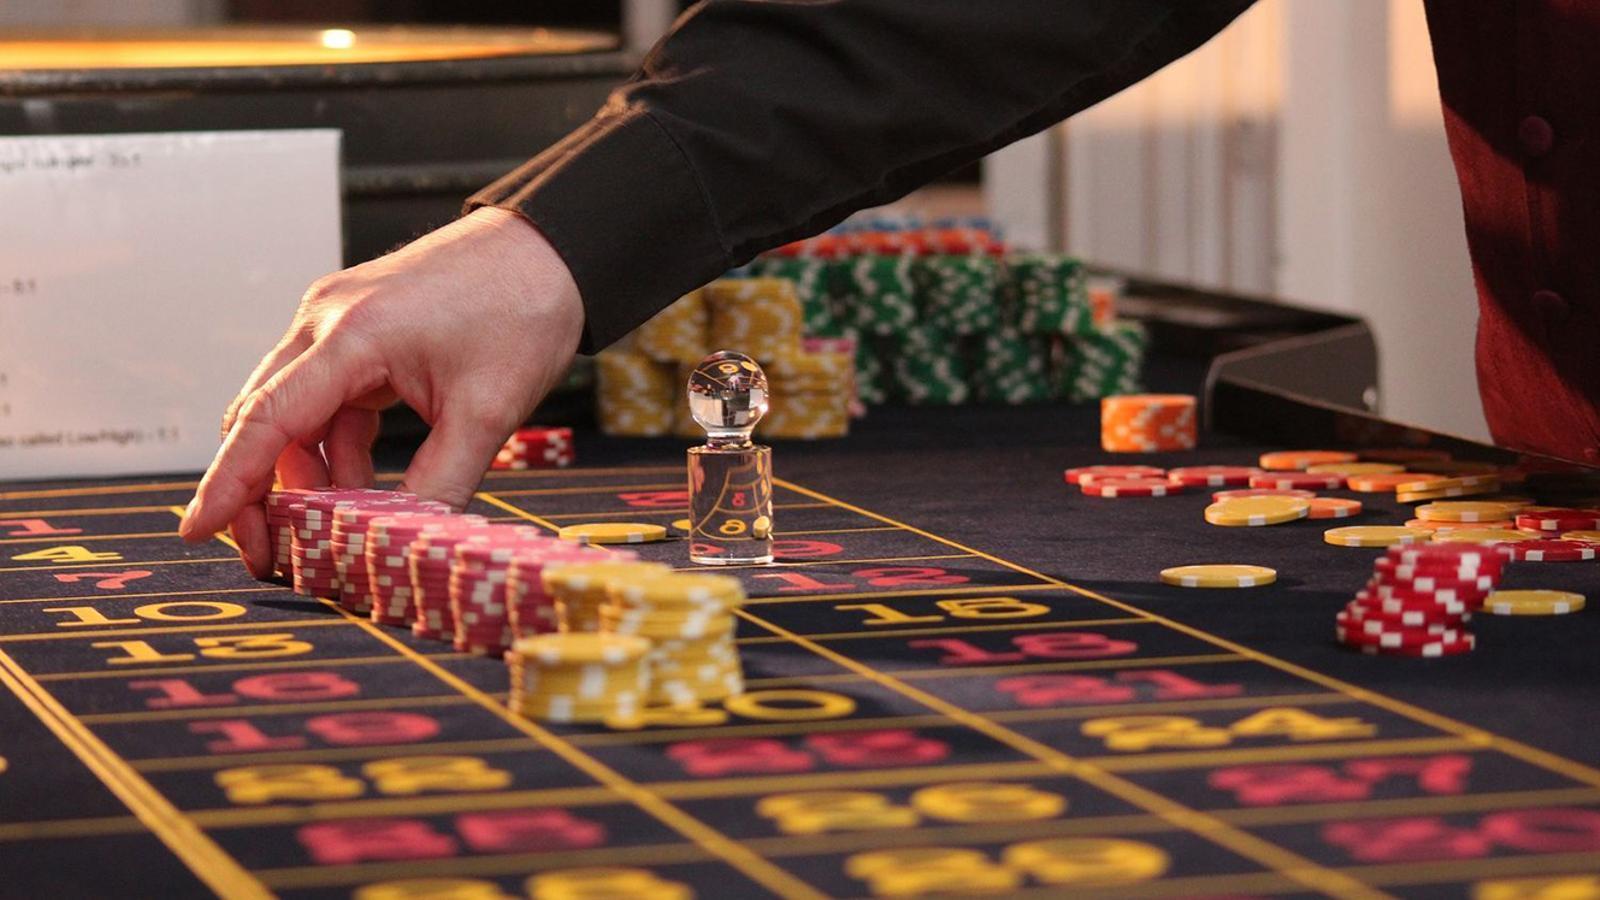 El mes de març se sabrà qui serà l'adjudicatari del casino  / PIXABAY